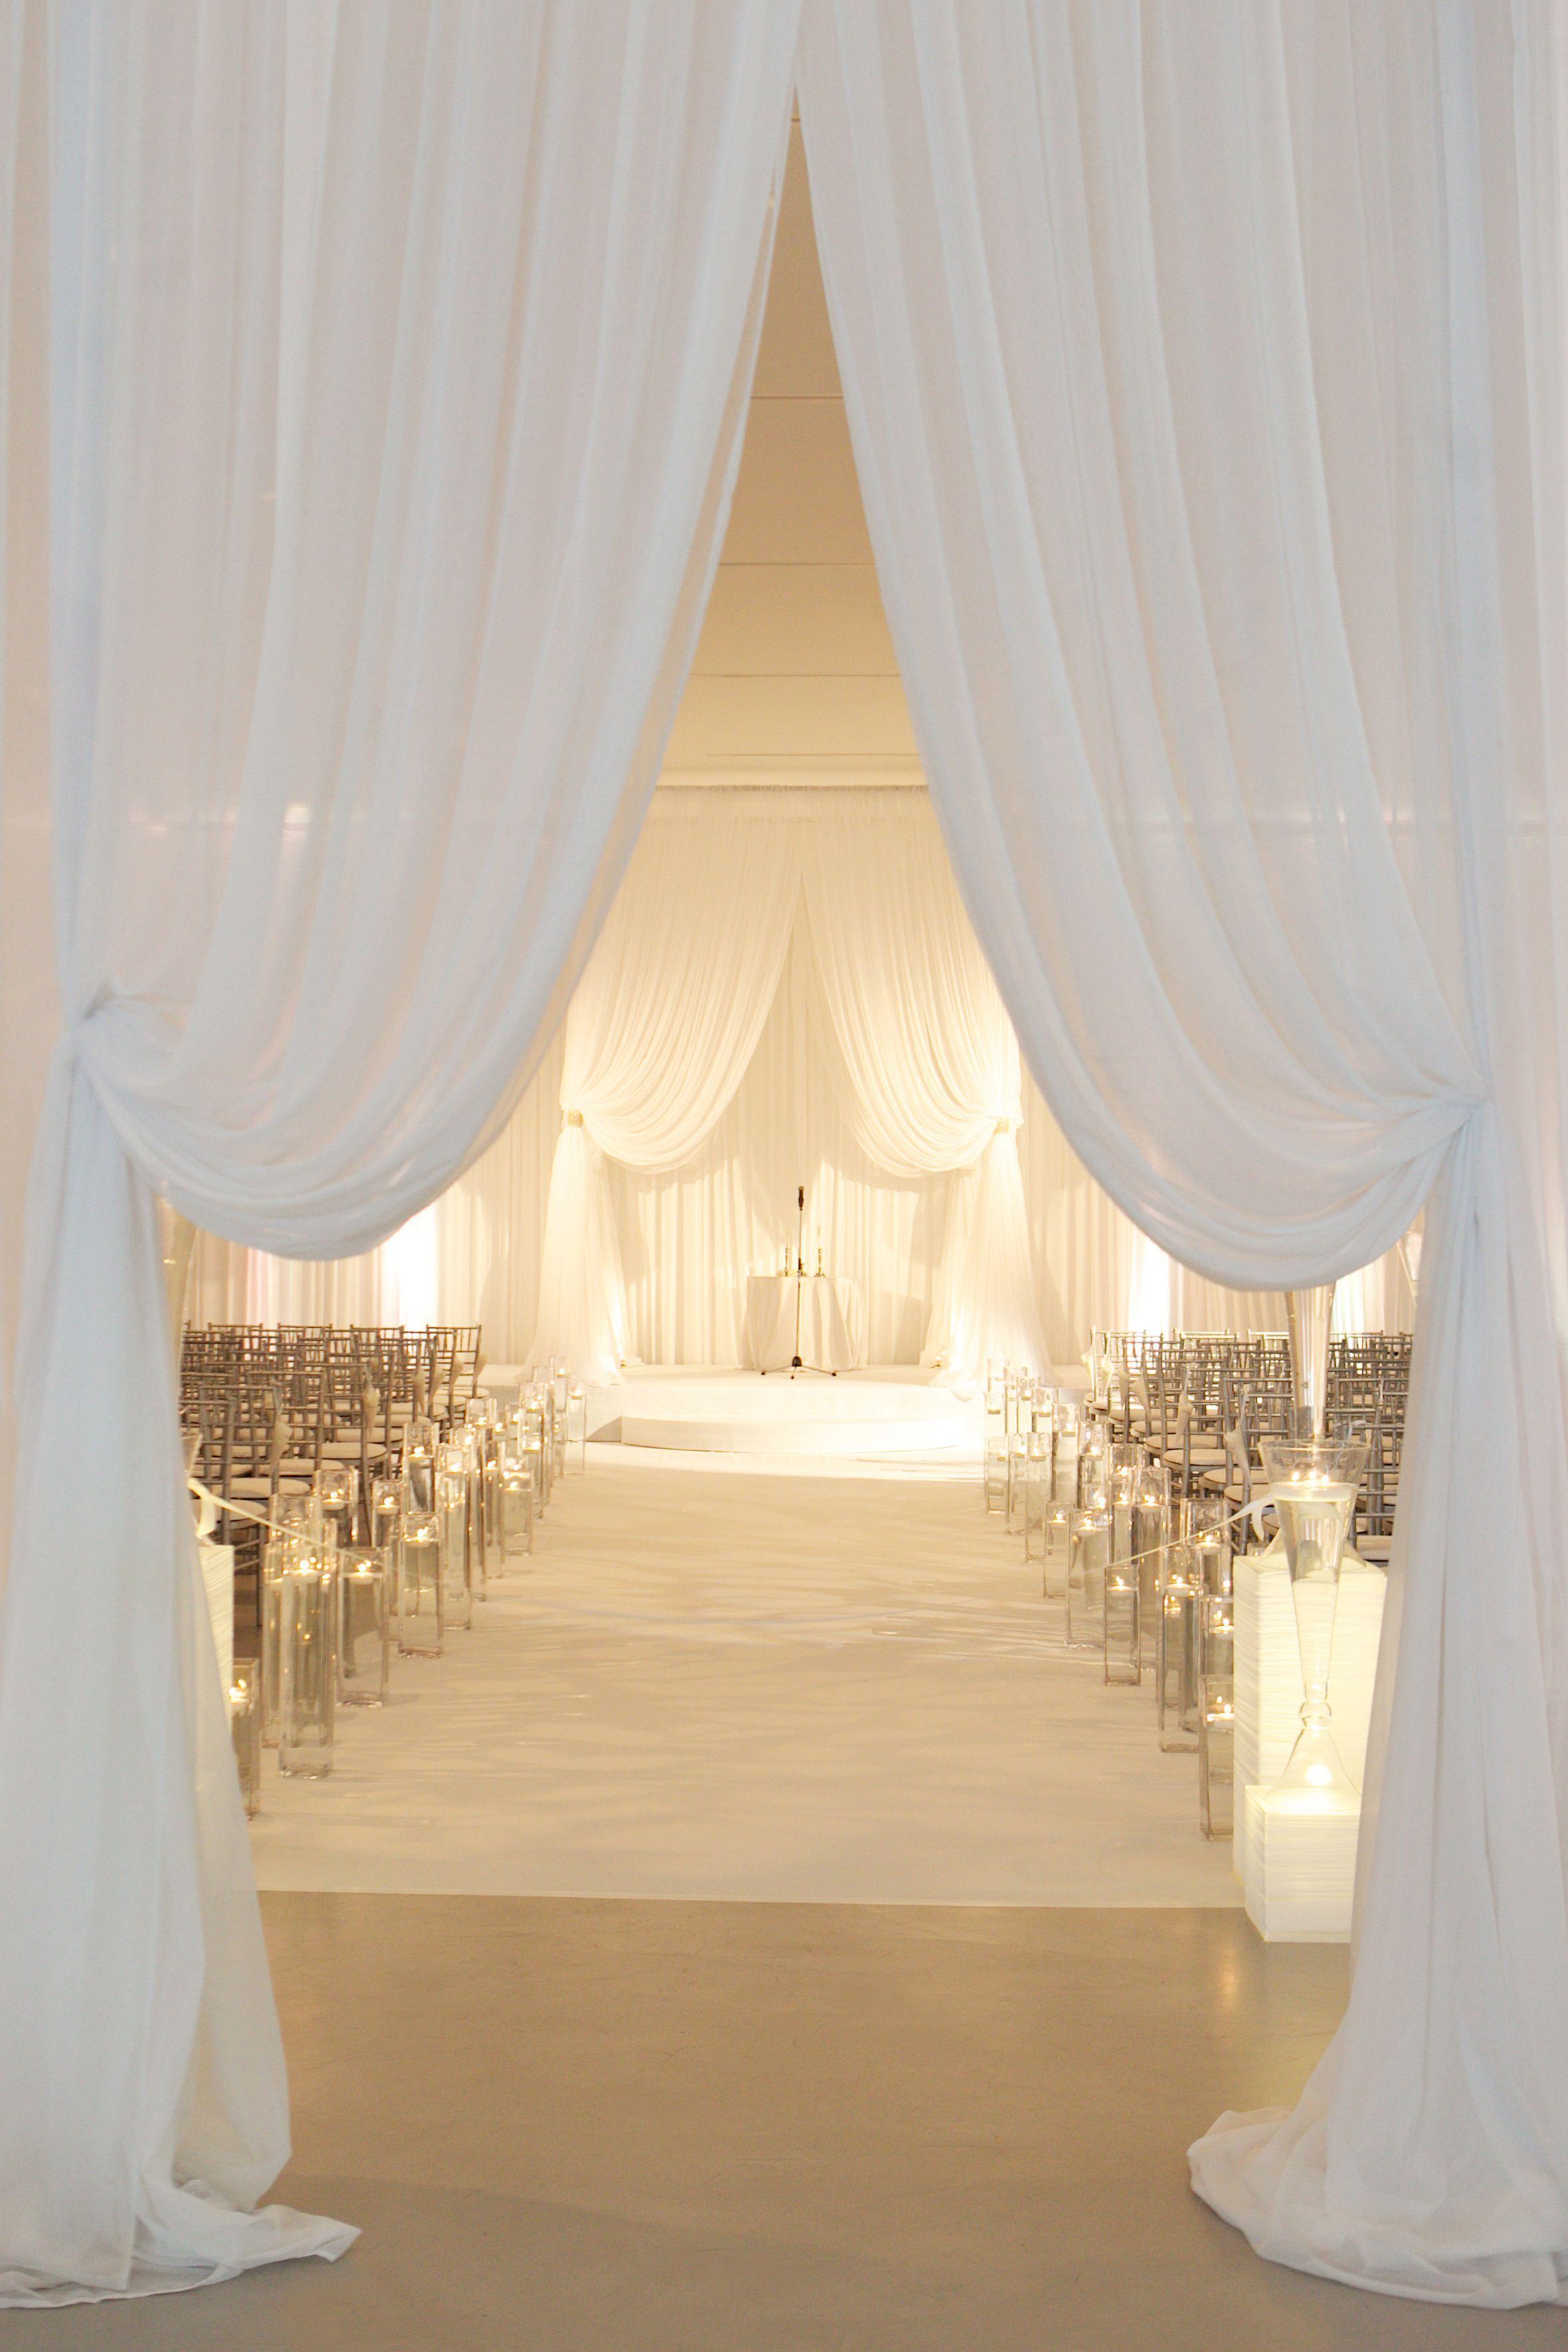 White wedding decoration ideas  White drapery at indoor wedding ceremony  beautiful wedding aisle